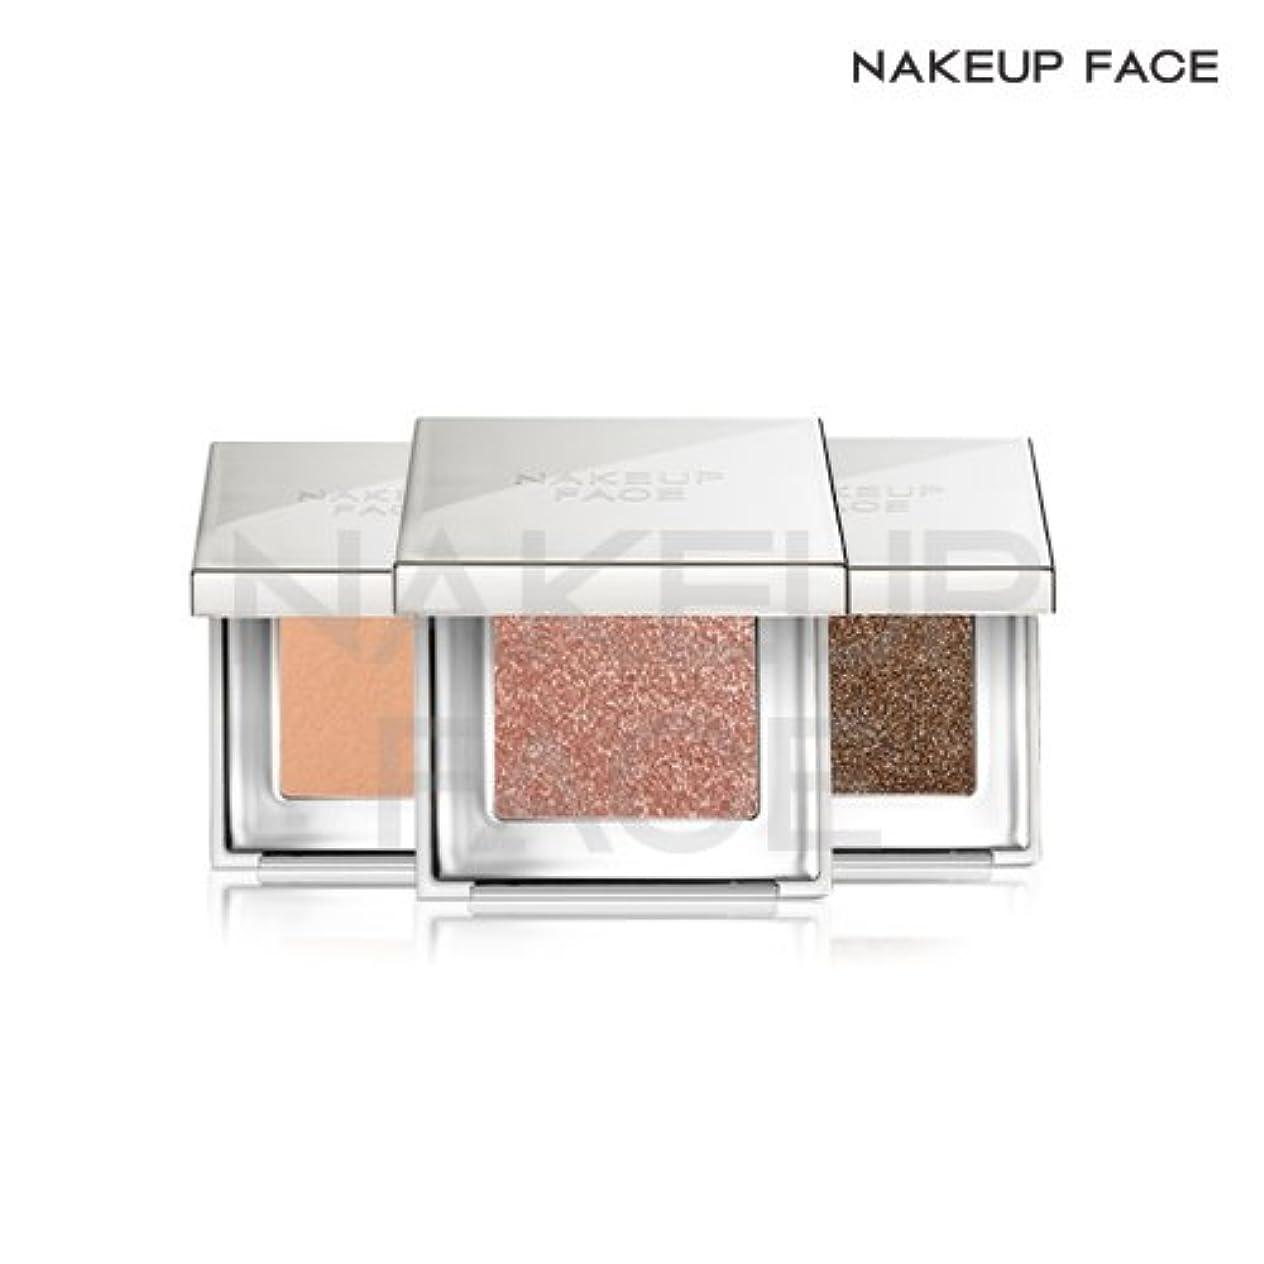 撃退する反逆黙ネイクアップ フェイス [NAKE UP FACE] ネイキッド アイシャドウ Naked Eye Shadow (No.04 Love Drugs) [並行輸入品]